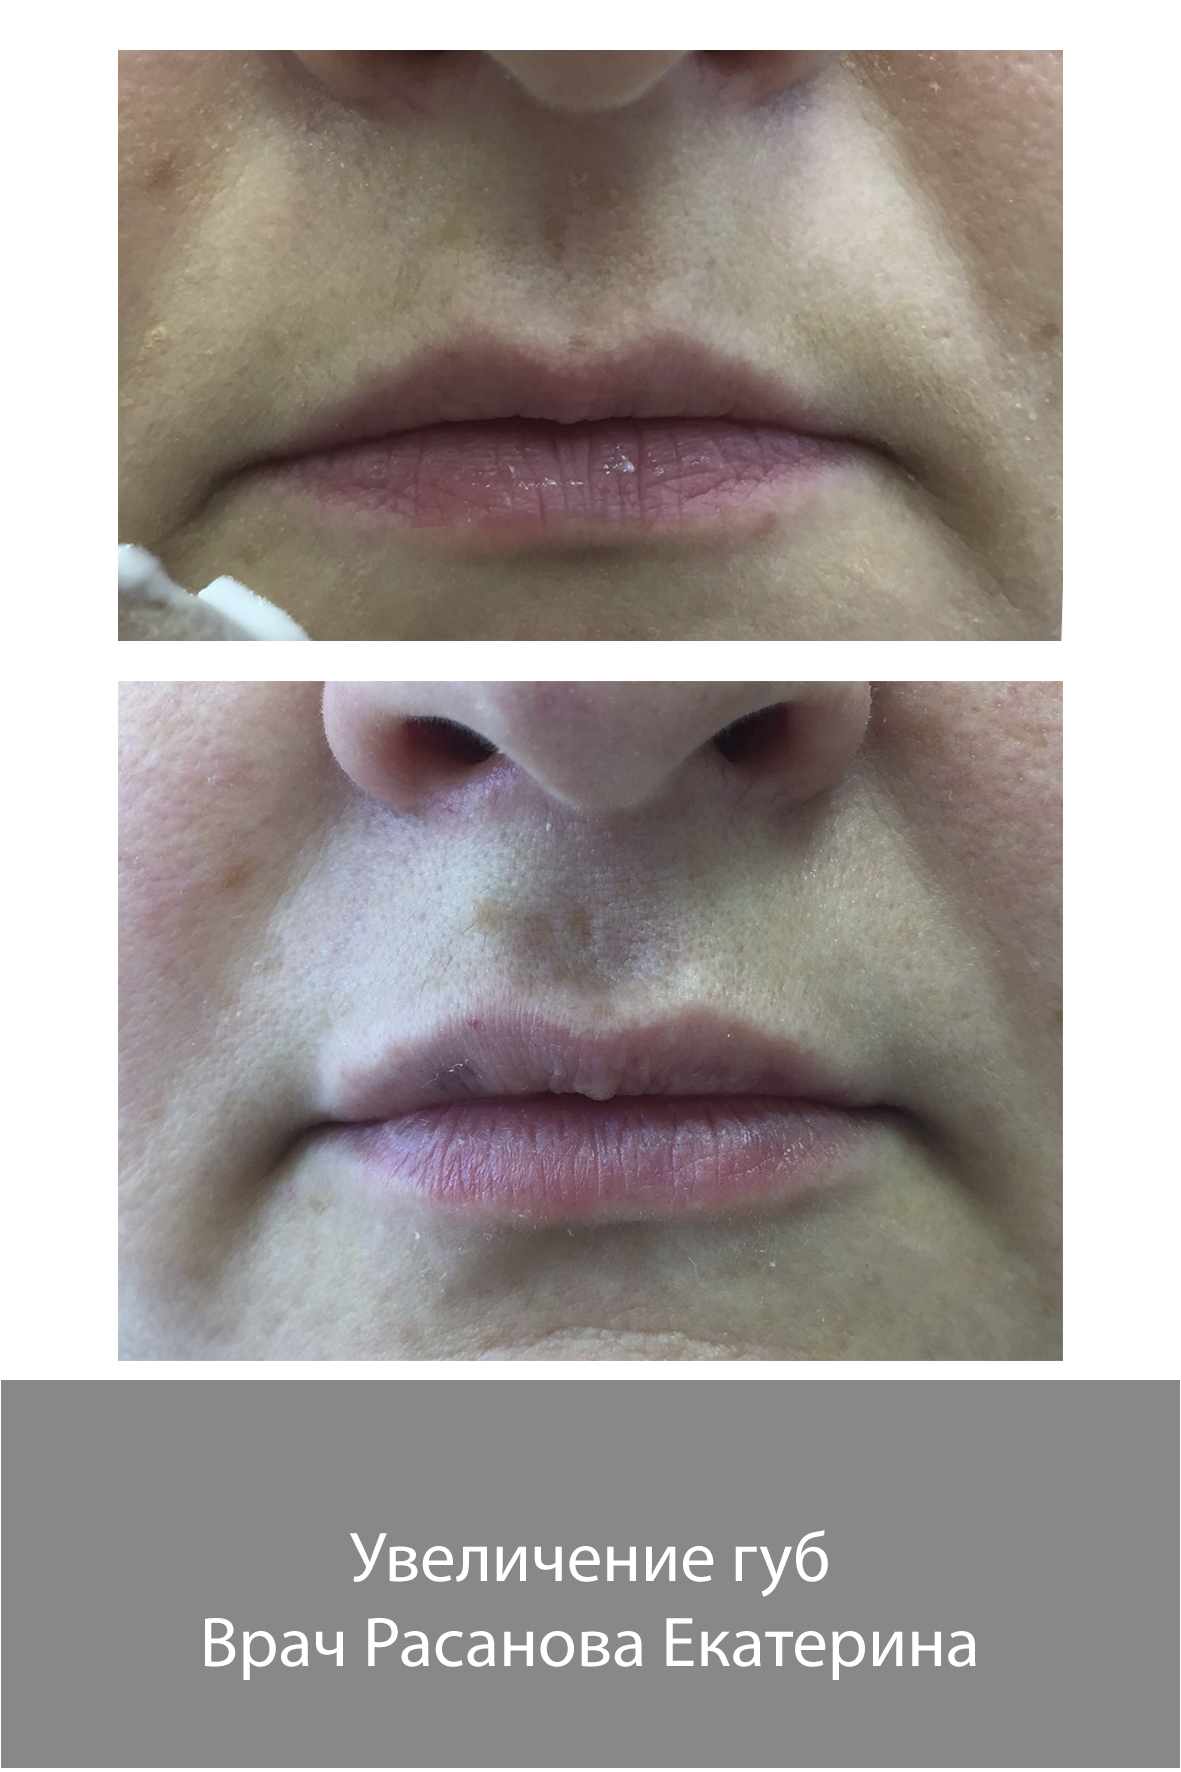 Увеличение губ, разглаживание морщин, мезотерапия, коррекция овала лица со скидкой до 30% + консультация врача бесплатно